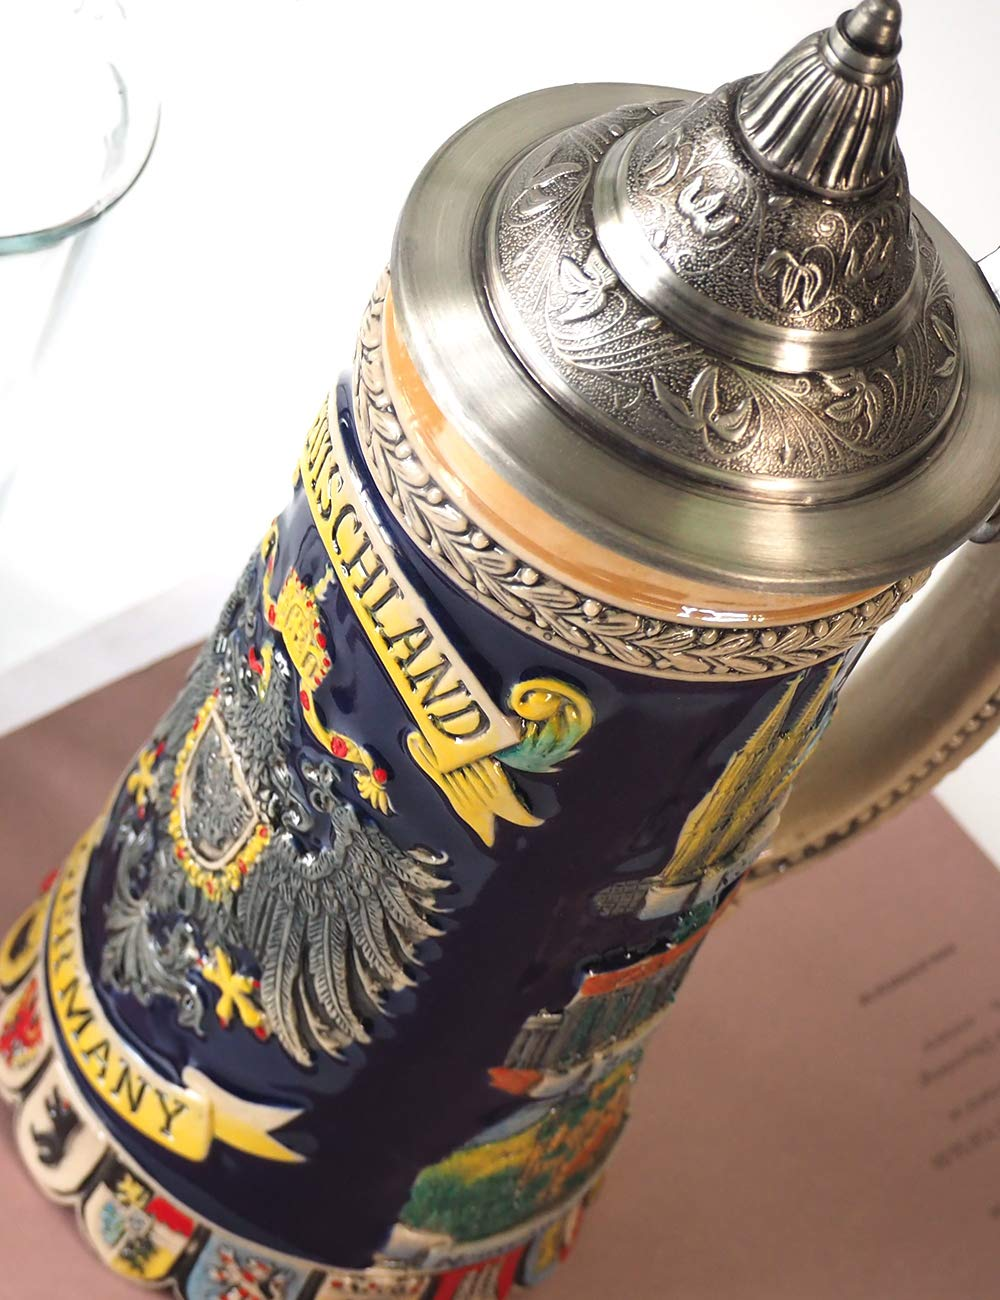 Homeberry 0.6L Deutschland Bierkrug mit Deckel Germany Beer Stein with Lid Beer Mug Beer Cup Deutschland Bierkrug mit Zinn CoA bemalte Deckel Deutschland Bierkrug Deutschland Traditionelle Deutschland Bierkrug Bierkrug Relief Xiamen Henry Arts Co Ltd HB08